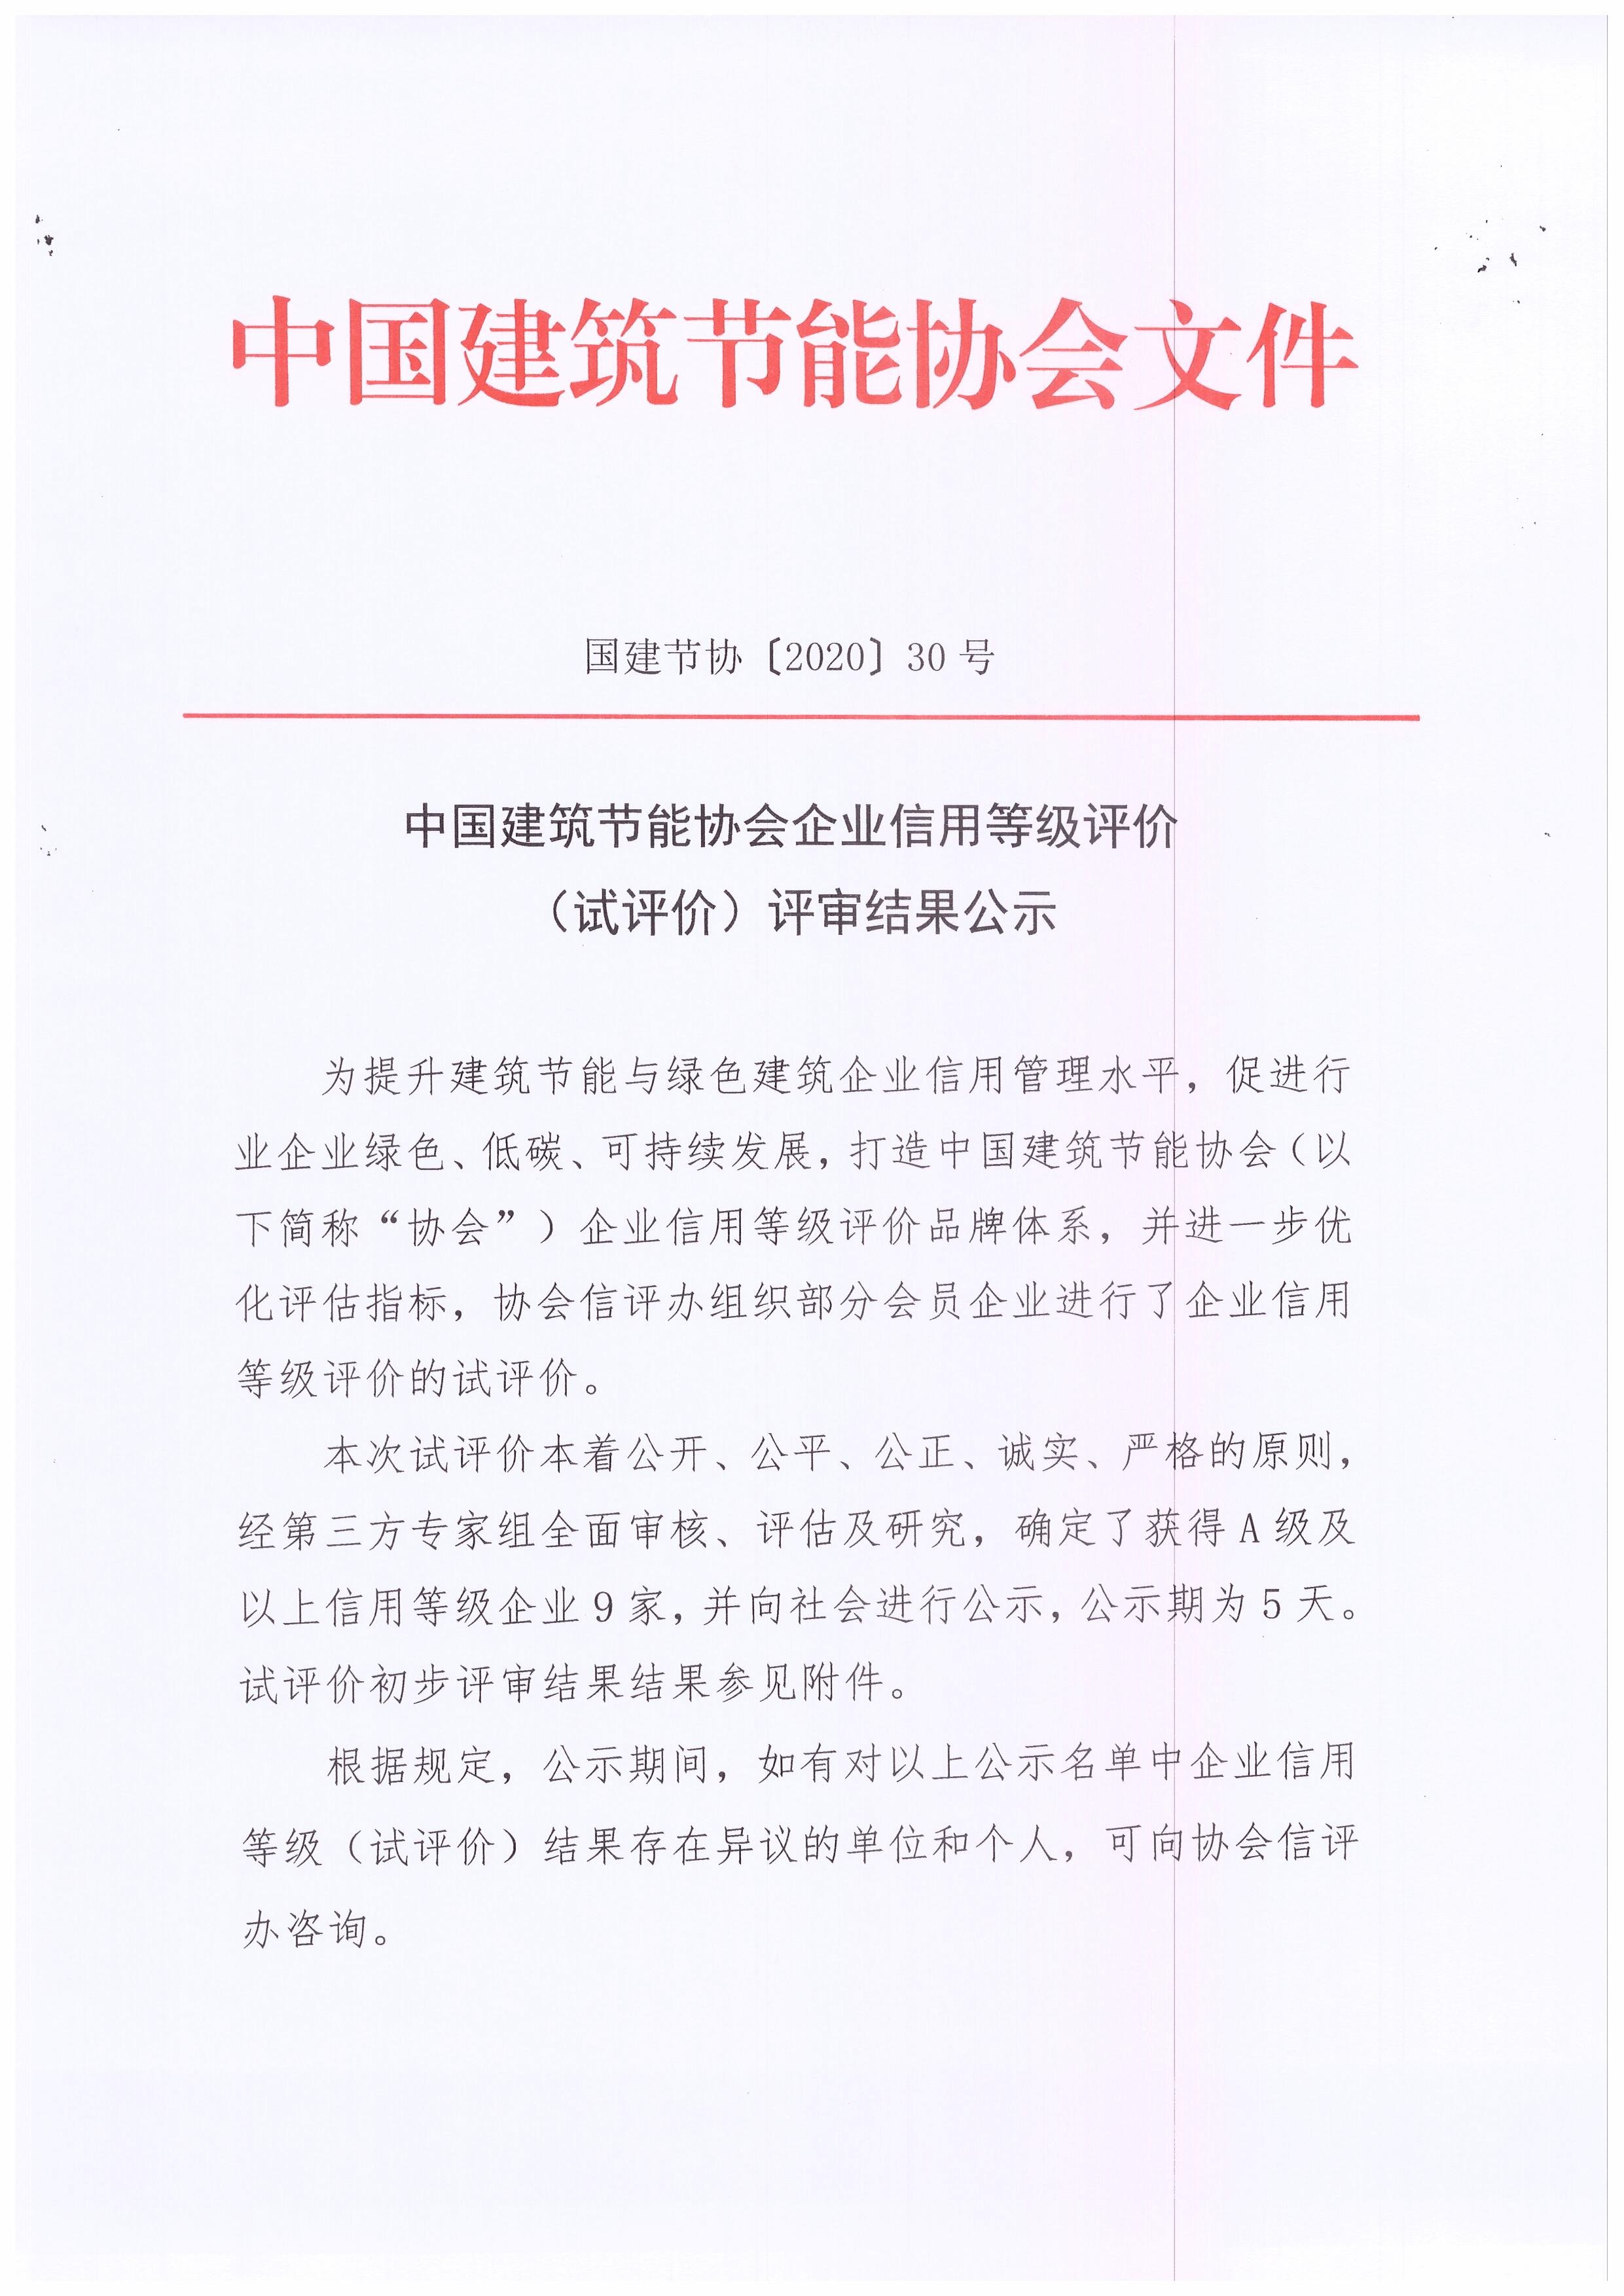 金沙第一娱乐娱城官网企业信用等级评价_页面_1.jpg